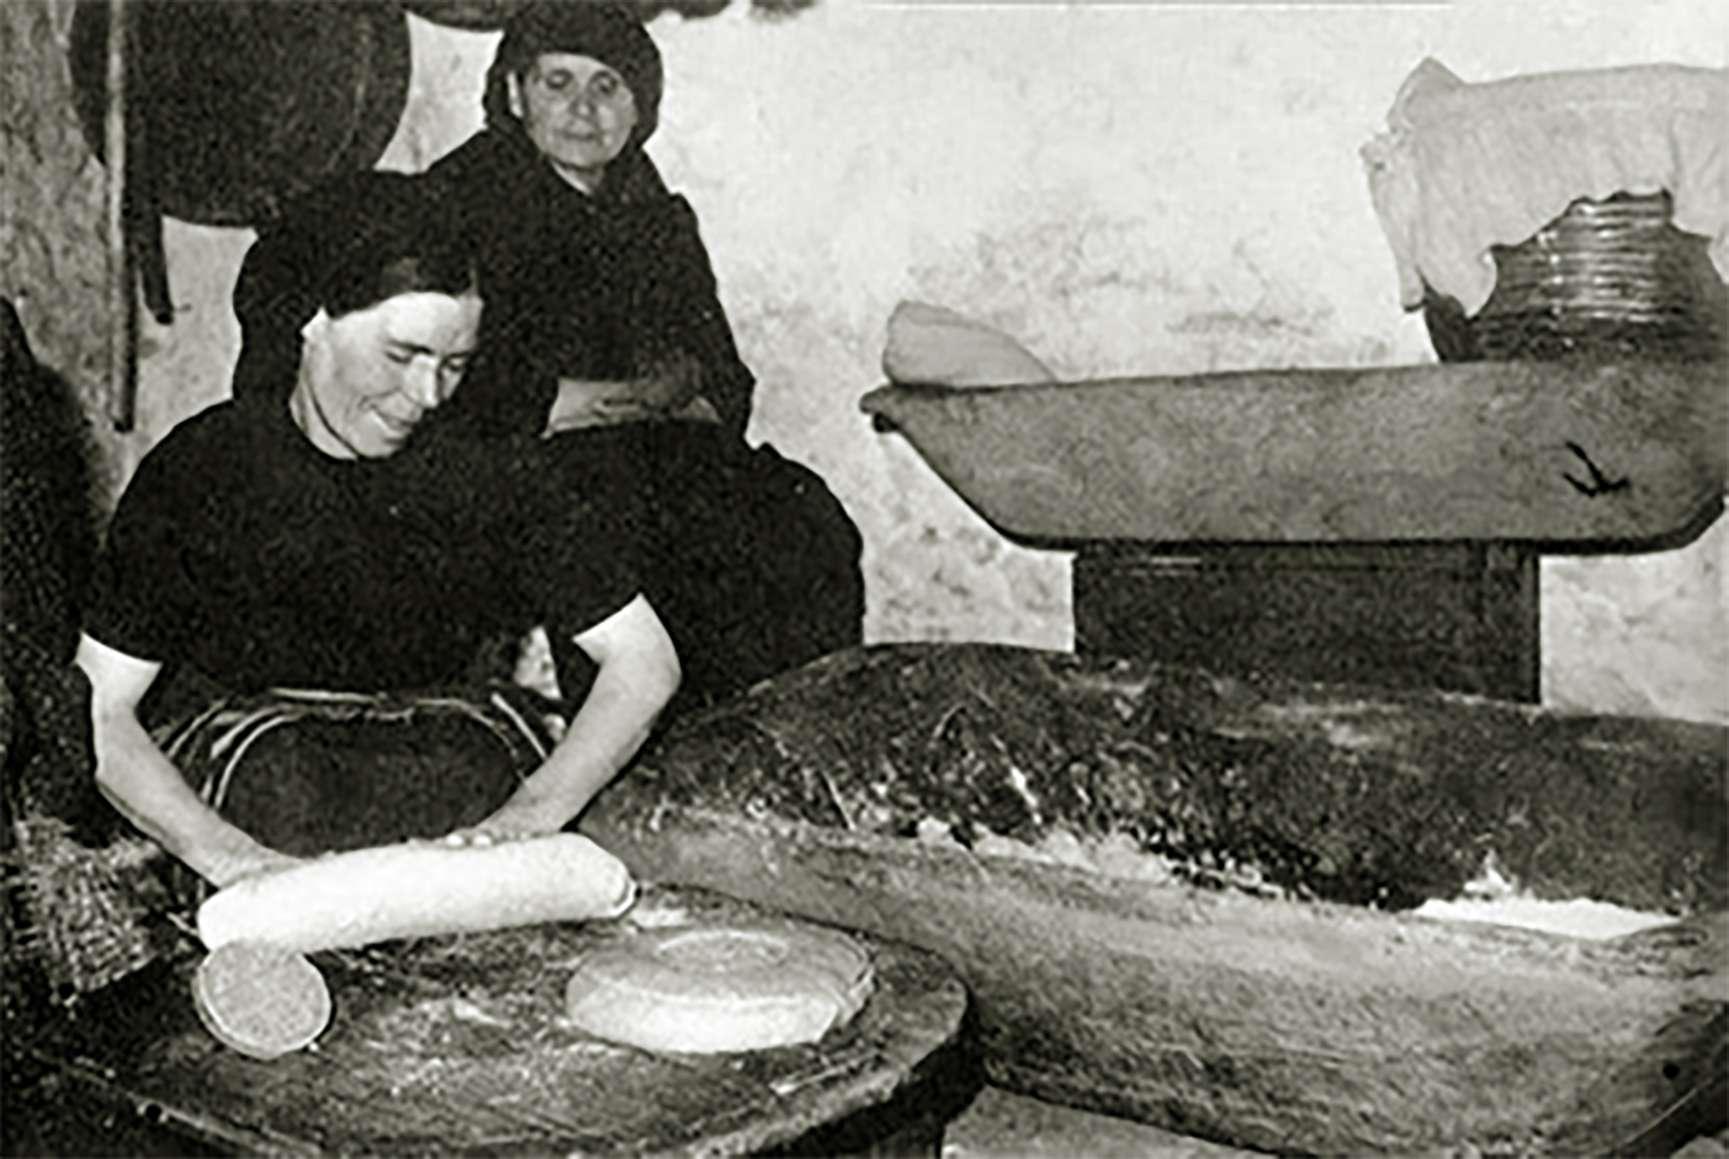 Χαρούλα Βερίγου - Haroula Verigou Να 'σουν εσύ το εφτάζυμο κι εγώ η πυρά του φούρνου